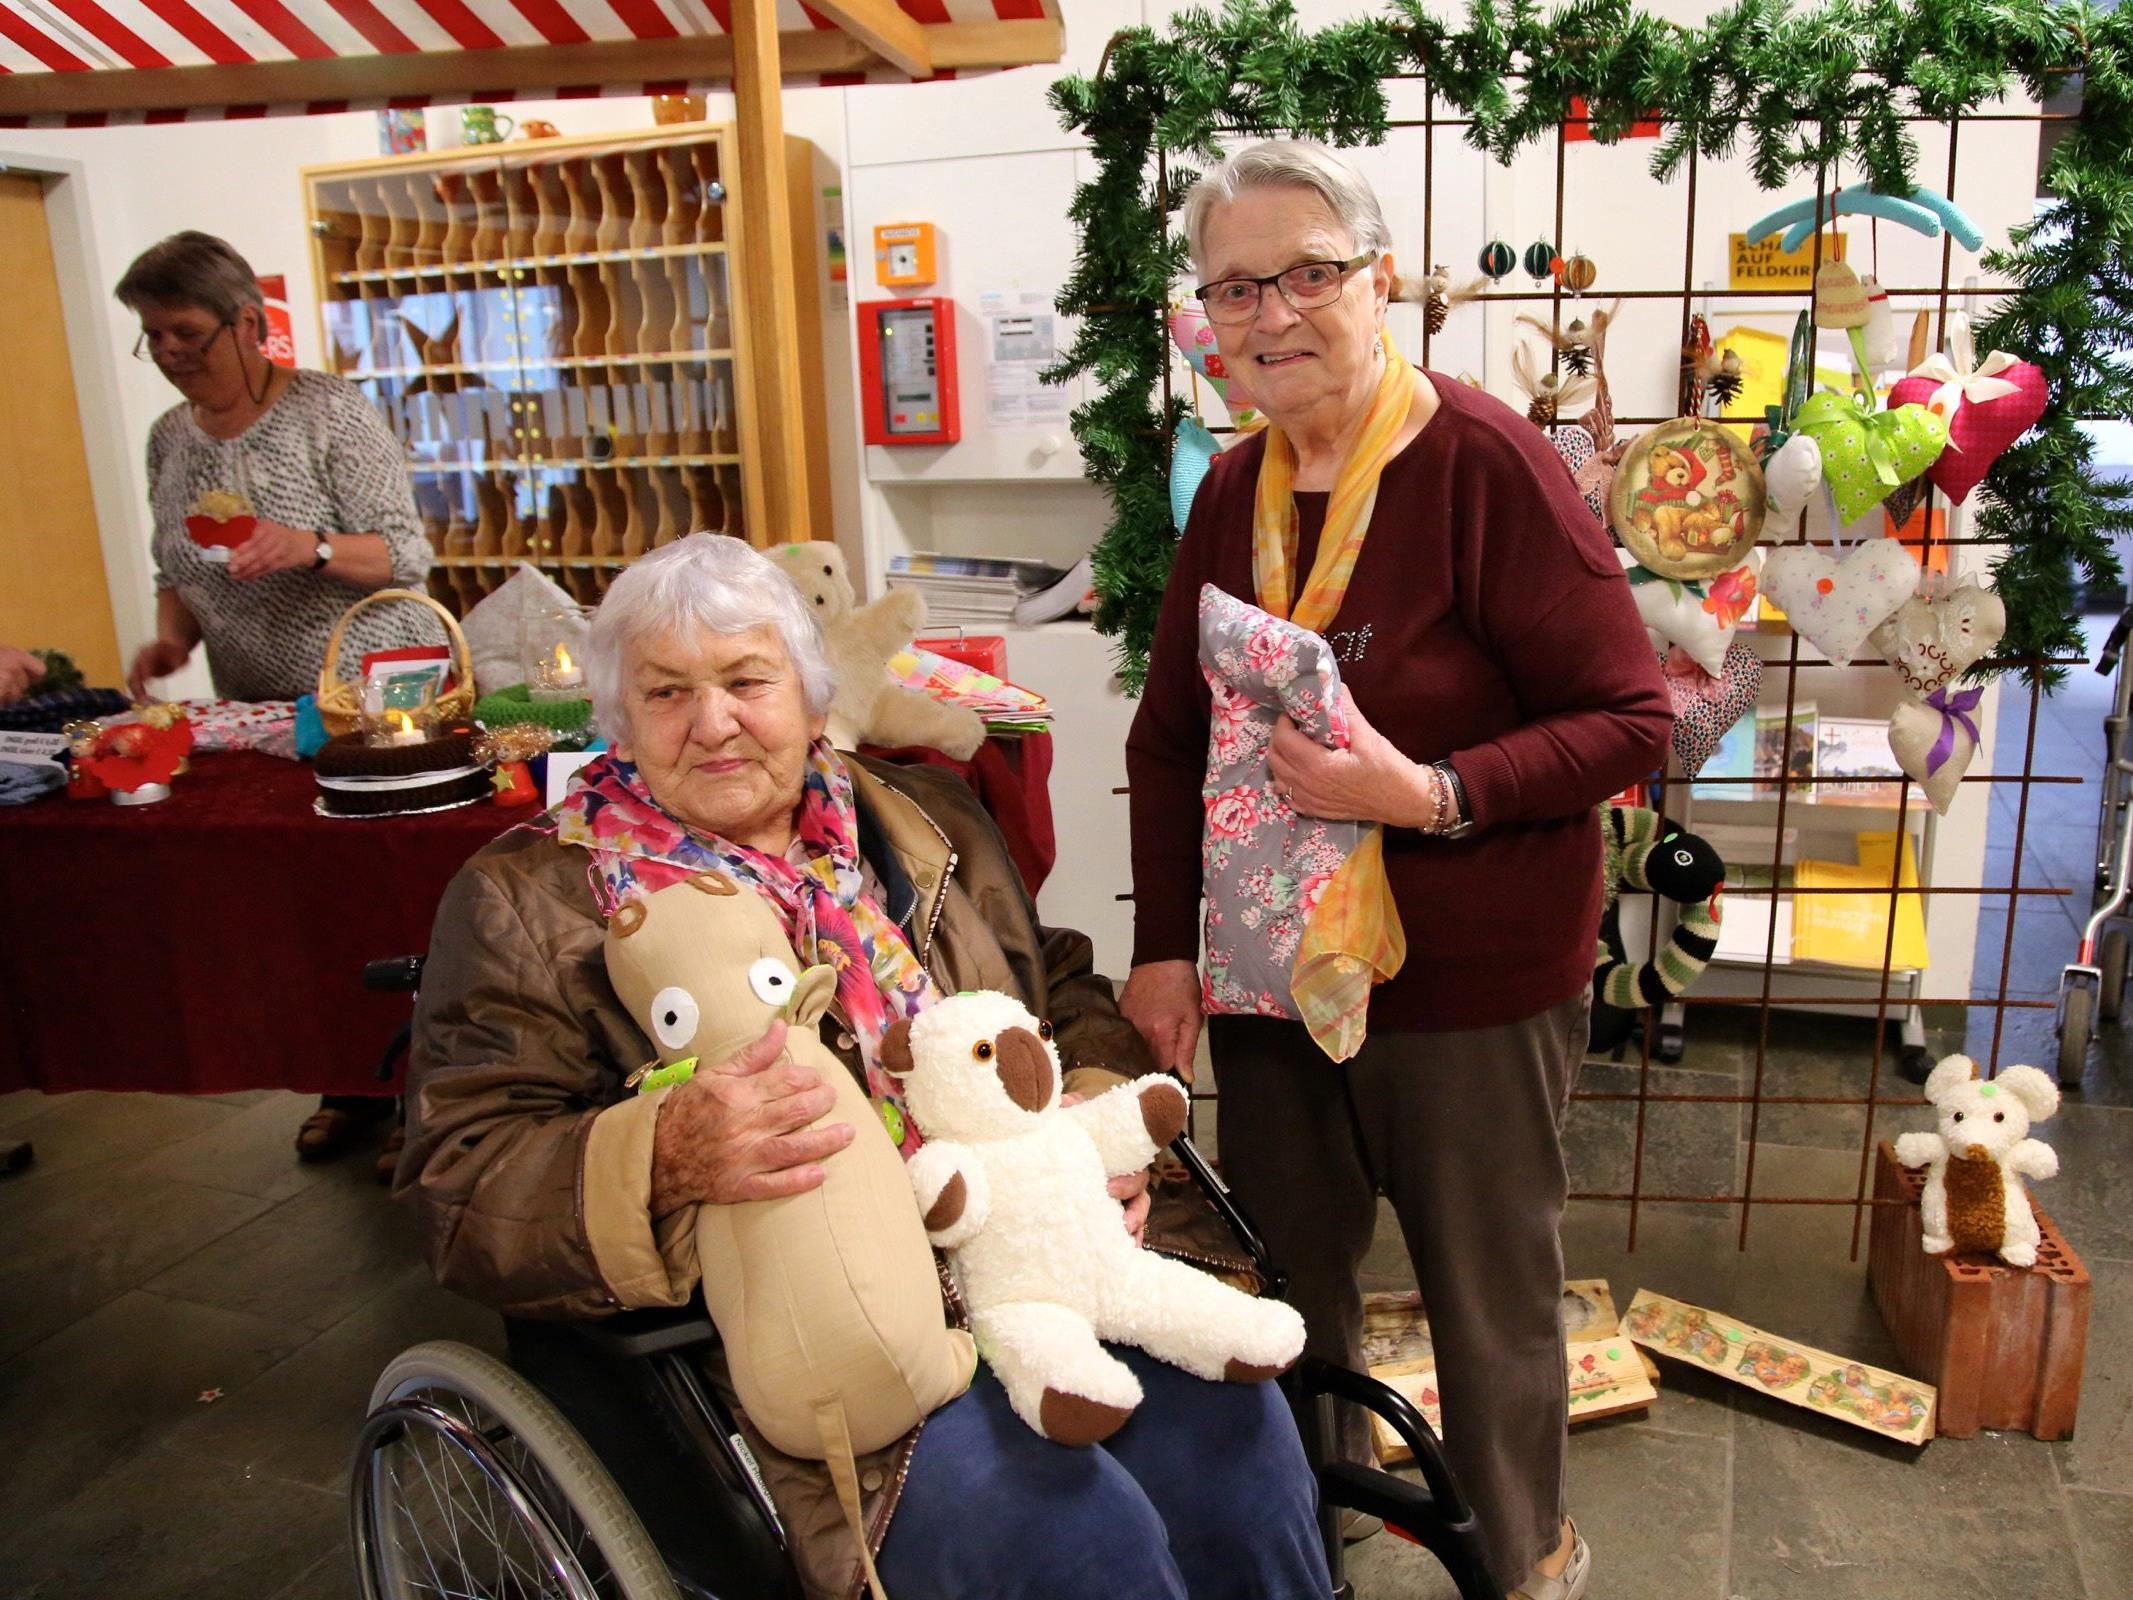 Die beiden Bewohnerinnen Hilda und Waltraud waren schon seit dem Sommer mit dem Basteln für den Adventmarkt beschäftigt.